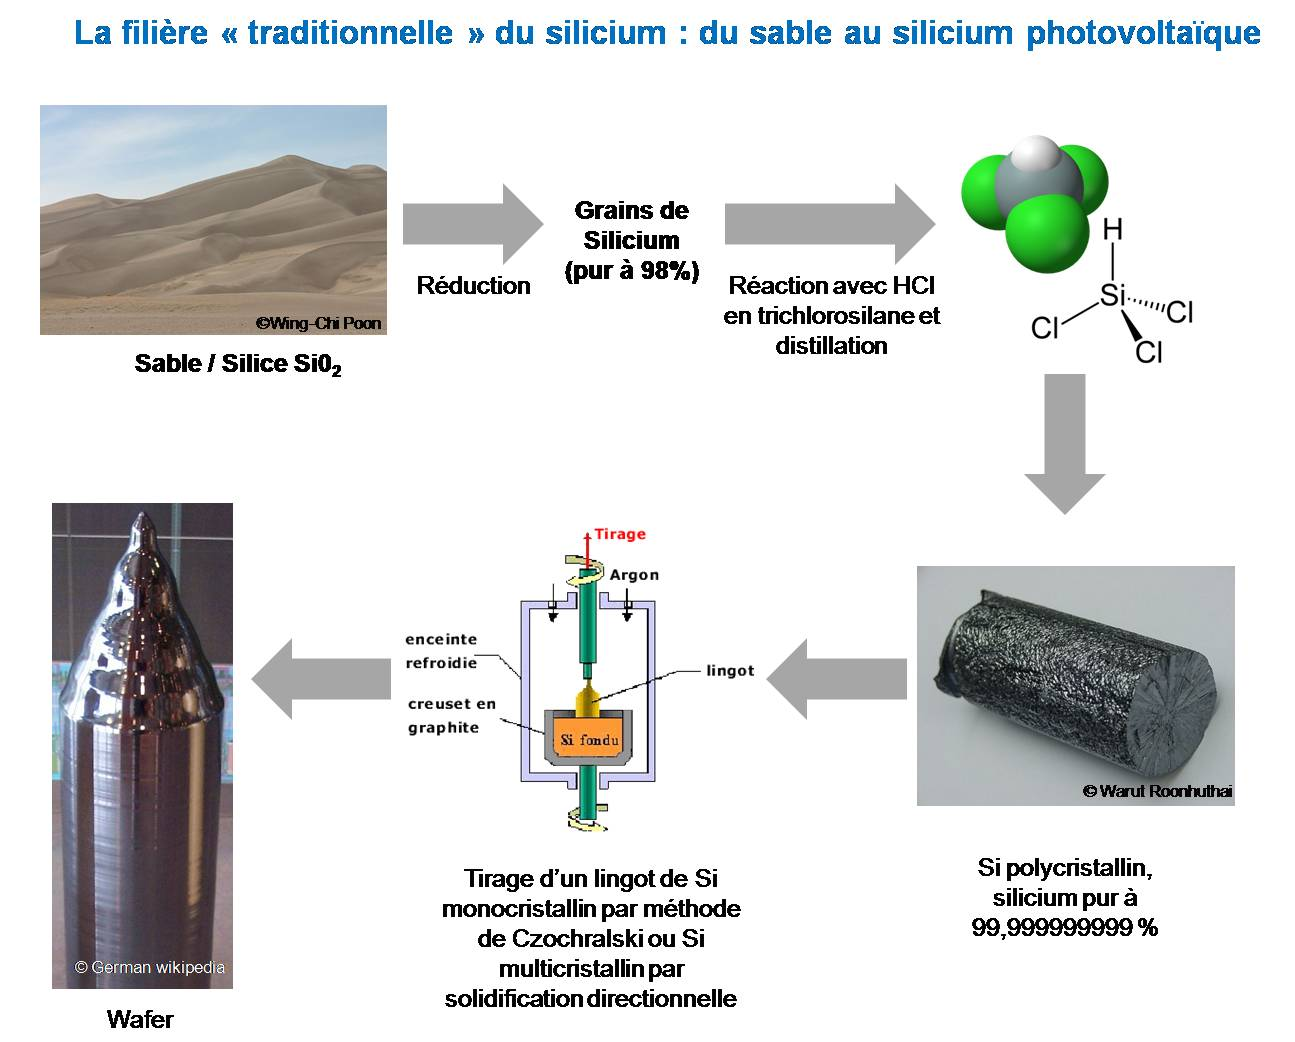 Cellule Photovoltaïque En Silicium Amorphe se rapportant à un, deux, trois, soleil ? enjeux et espoirs du photovoltaïque